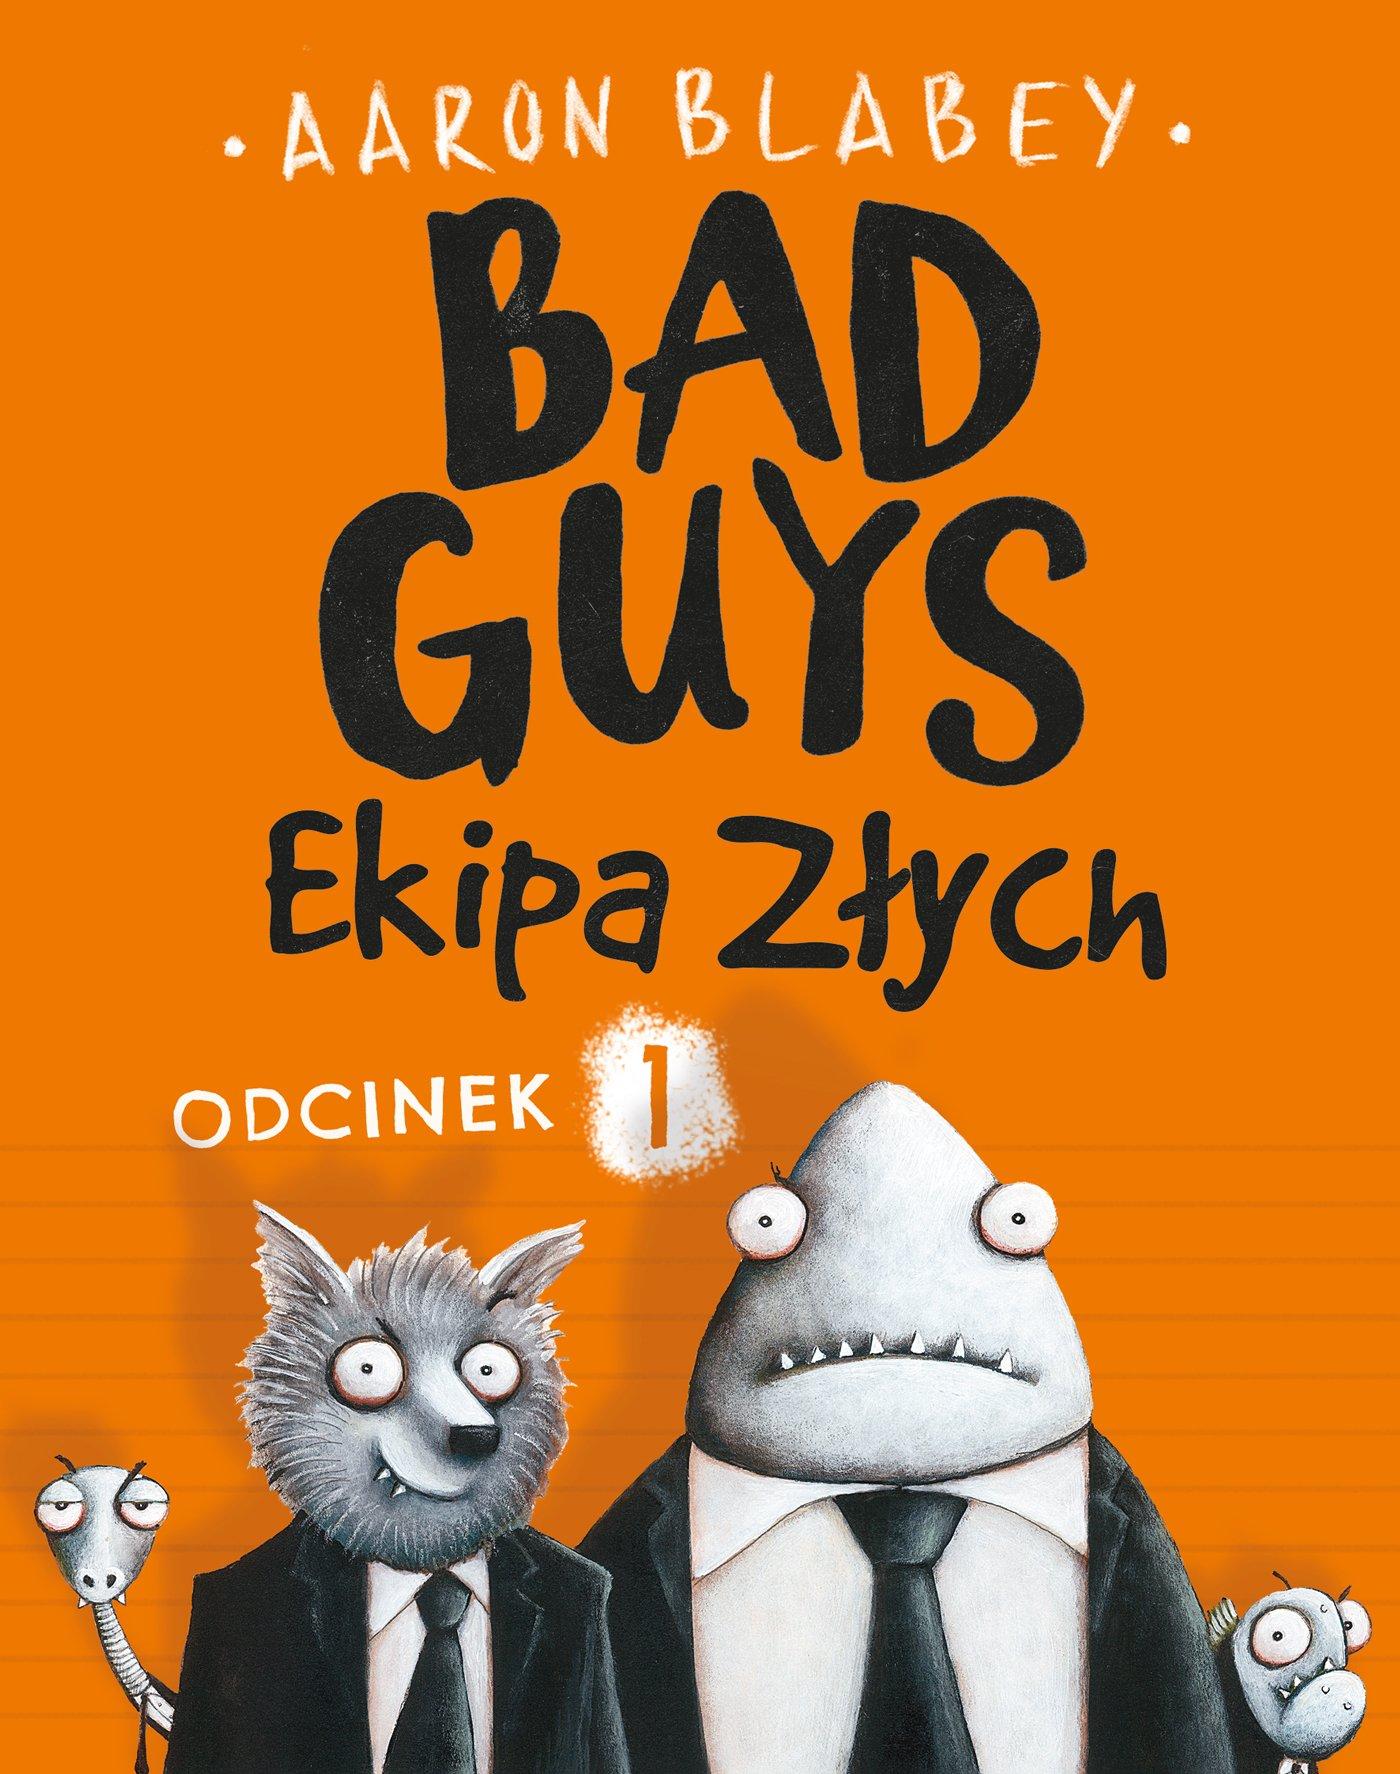 Bad Guys. Ekipa Złych Odcinek 1 - Ebook (Książka na Kindle) do pobrania w formacie MOBI